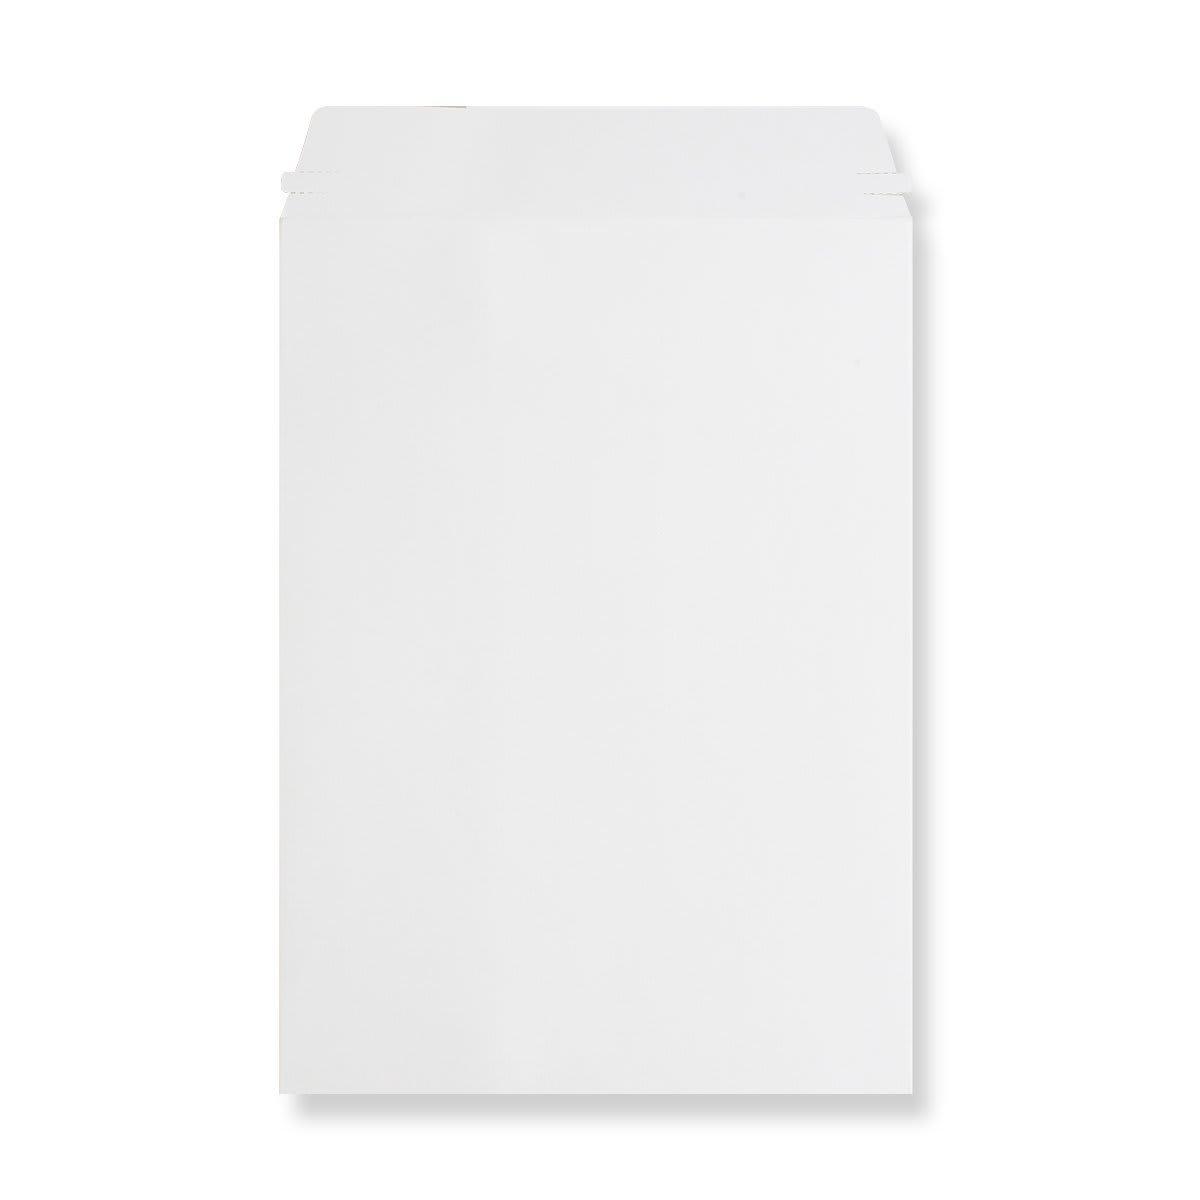 C5 WHITE ALL-BOARD ENVELOPES 350GSM